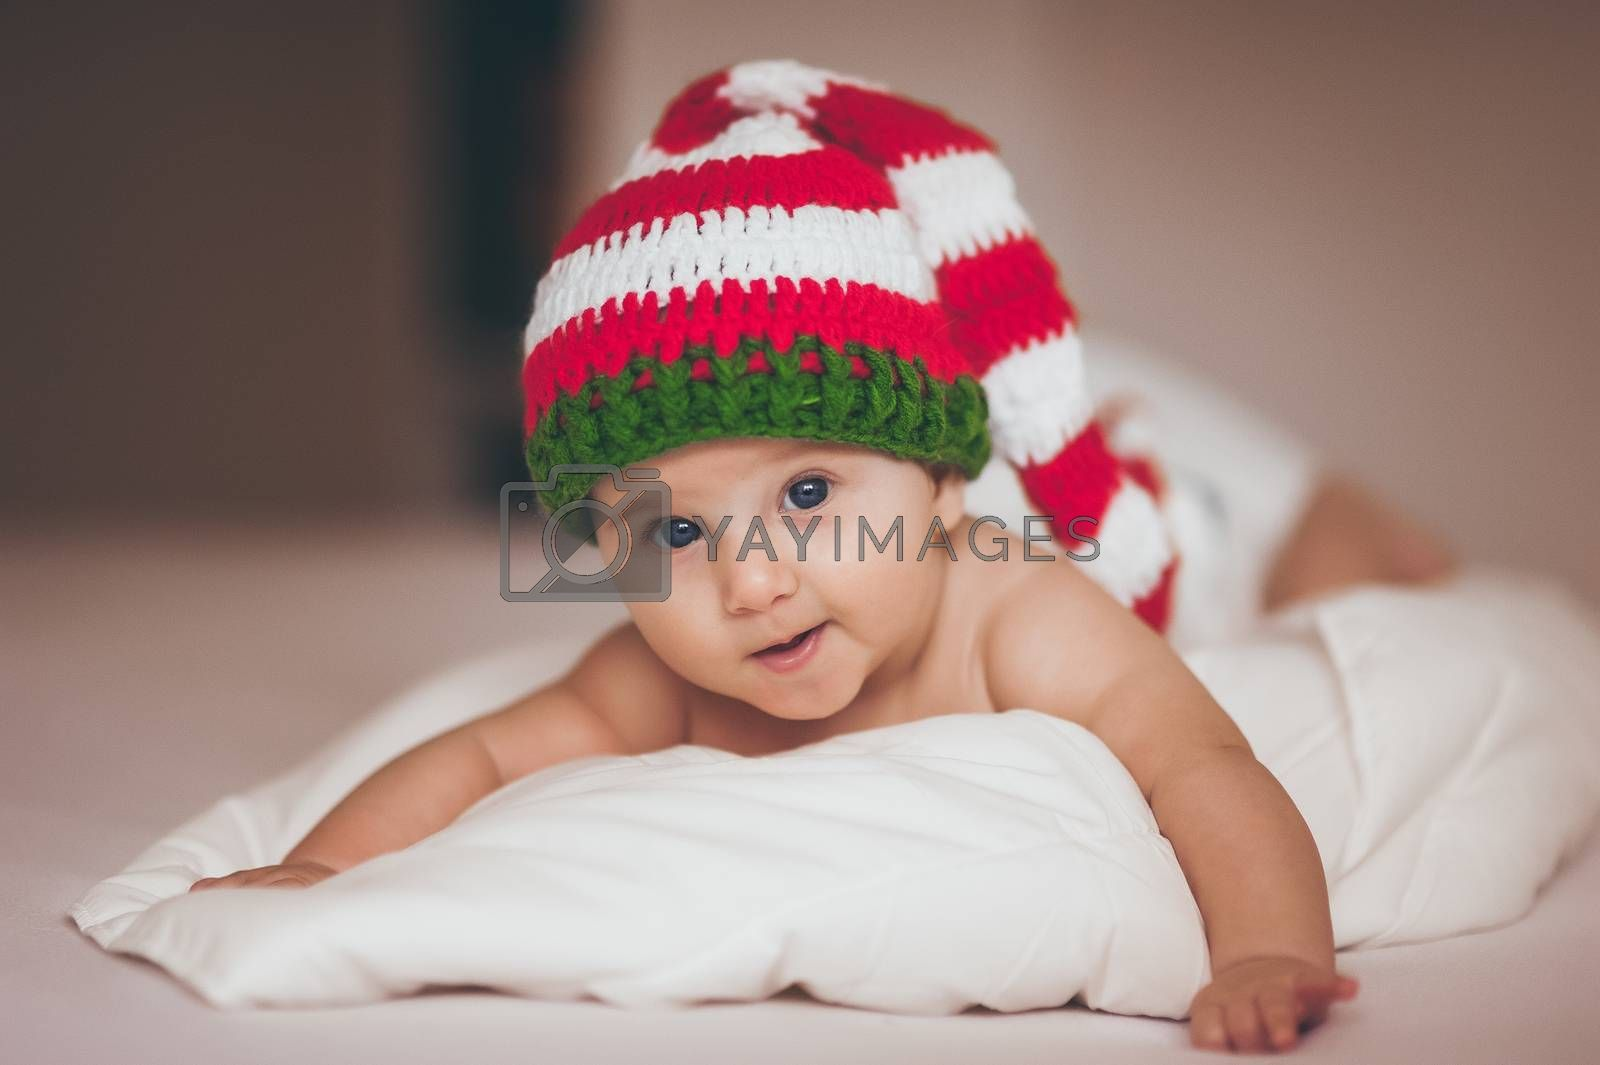 christmas baby girl newborn in new year hat